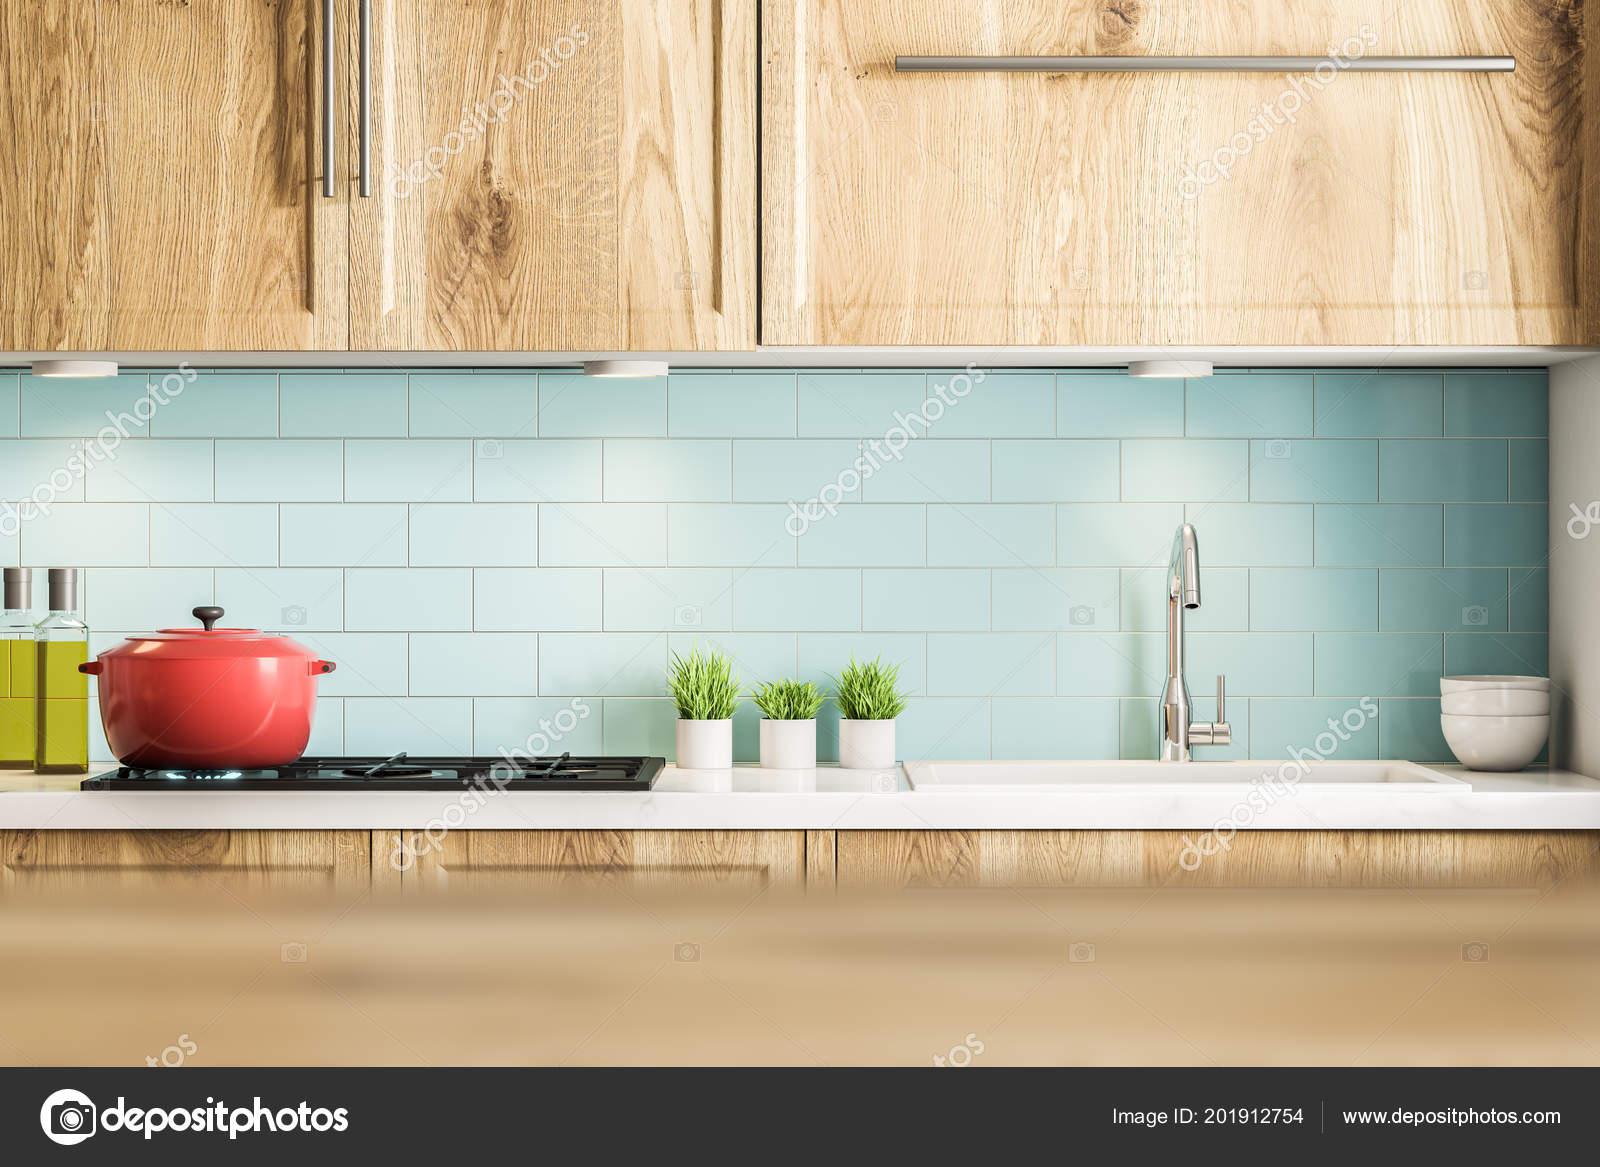 Blaue Fliesen Küche Interieur Mit Holz Arbeitsplatten Und Schränken ...